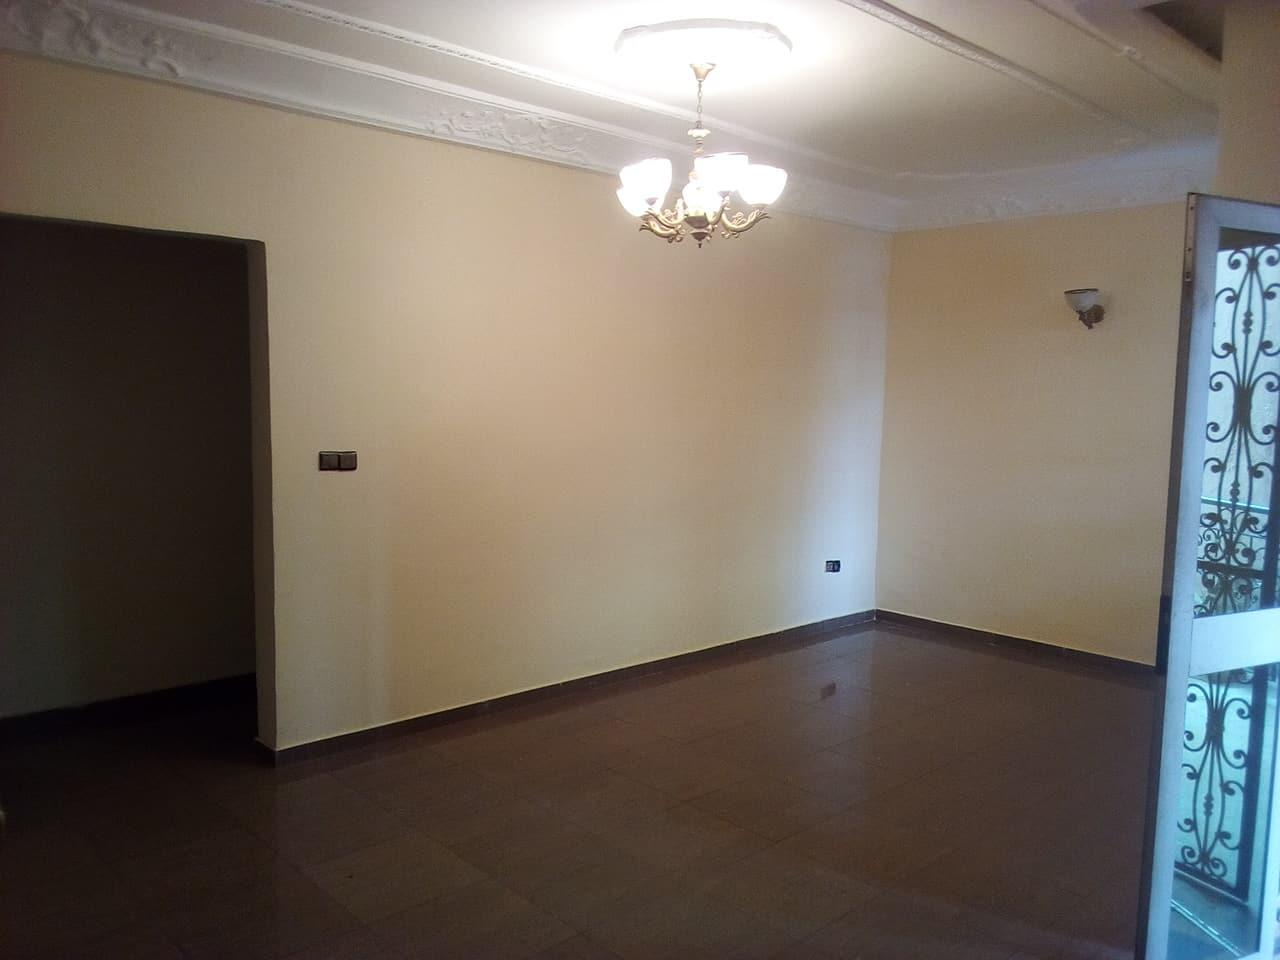 Appartement à louer - Yaoundé, Mfandena, pas loin de la cave - 1 salon(s), 2 chambre(s), 2 salle(s) de bains - 250 000 FCFA / mois